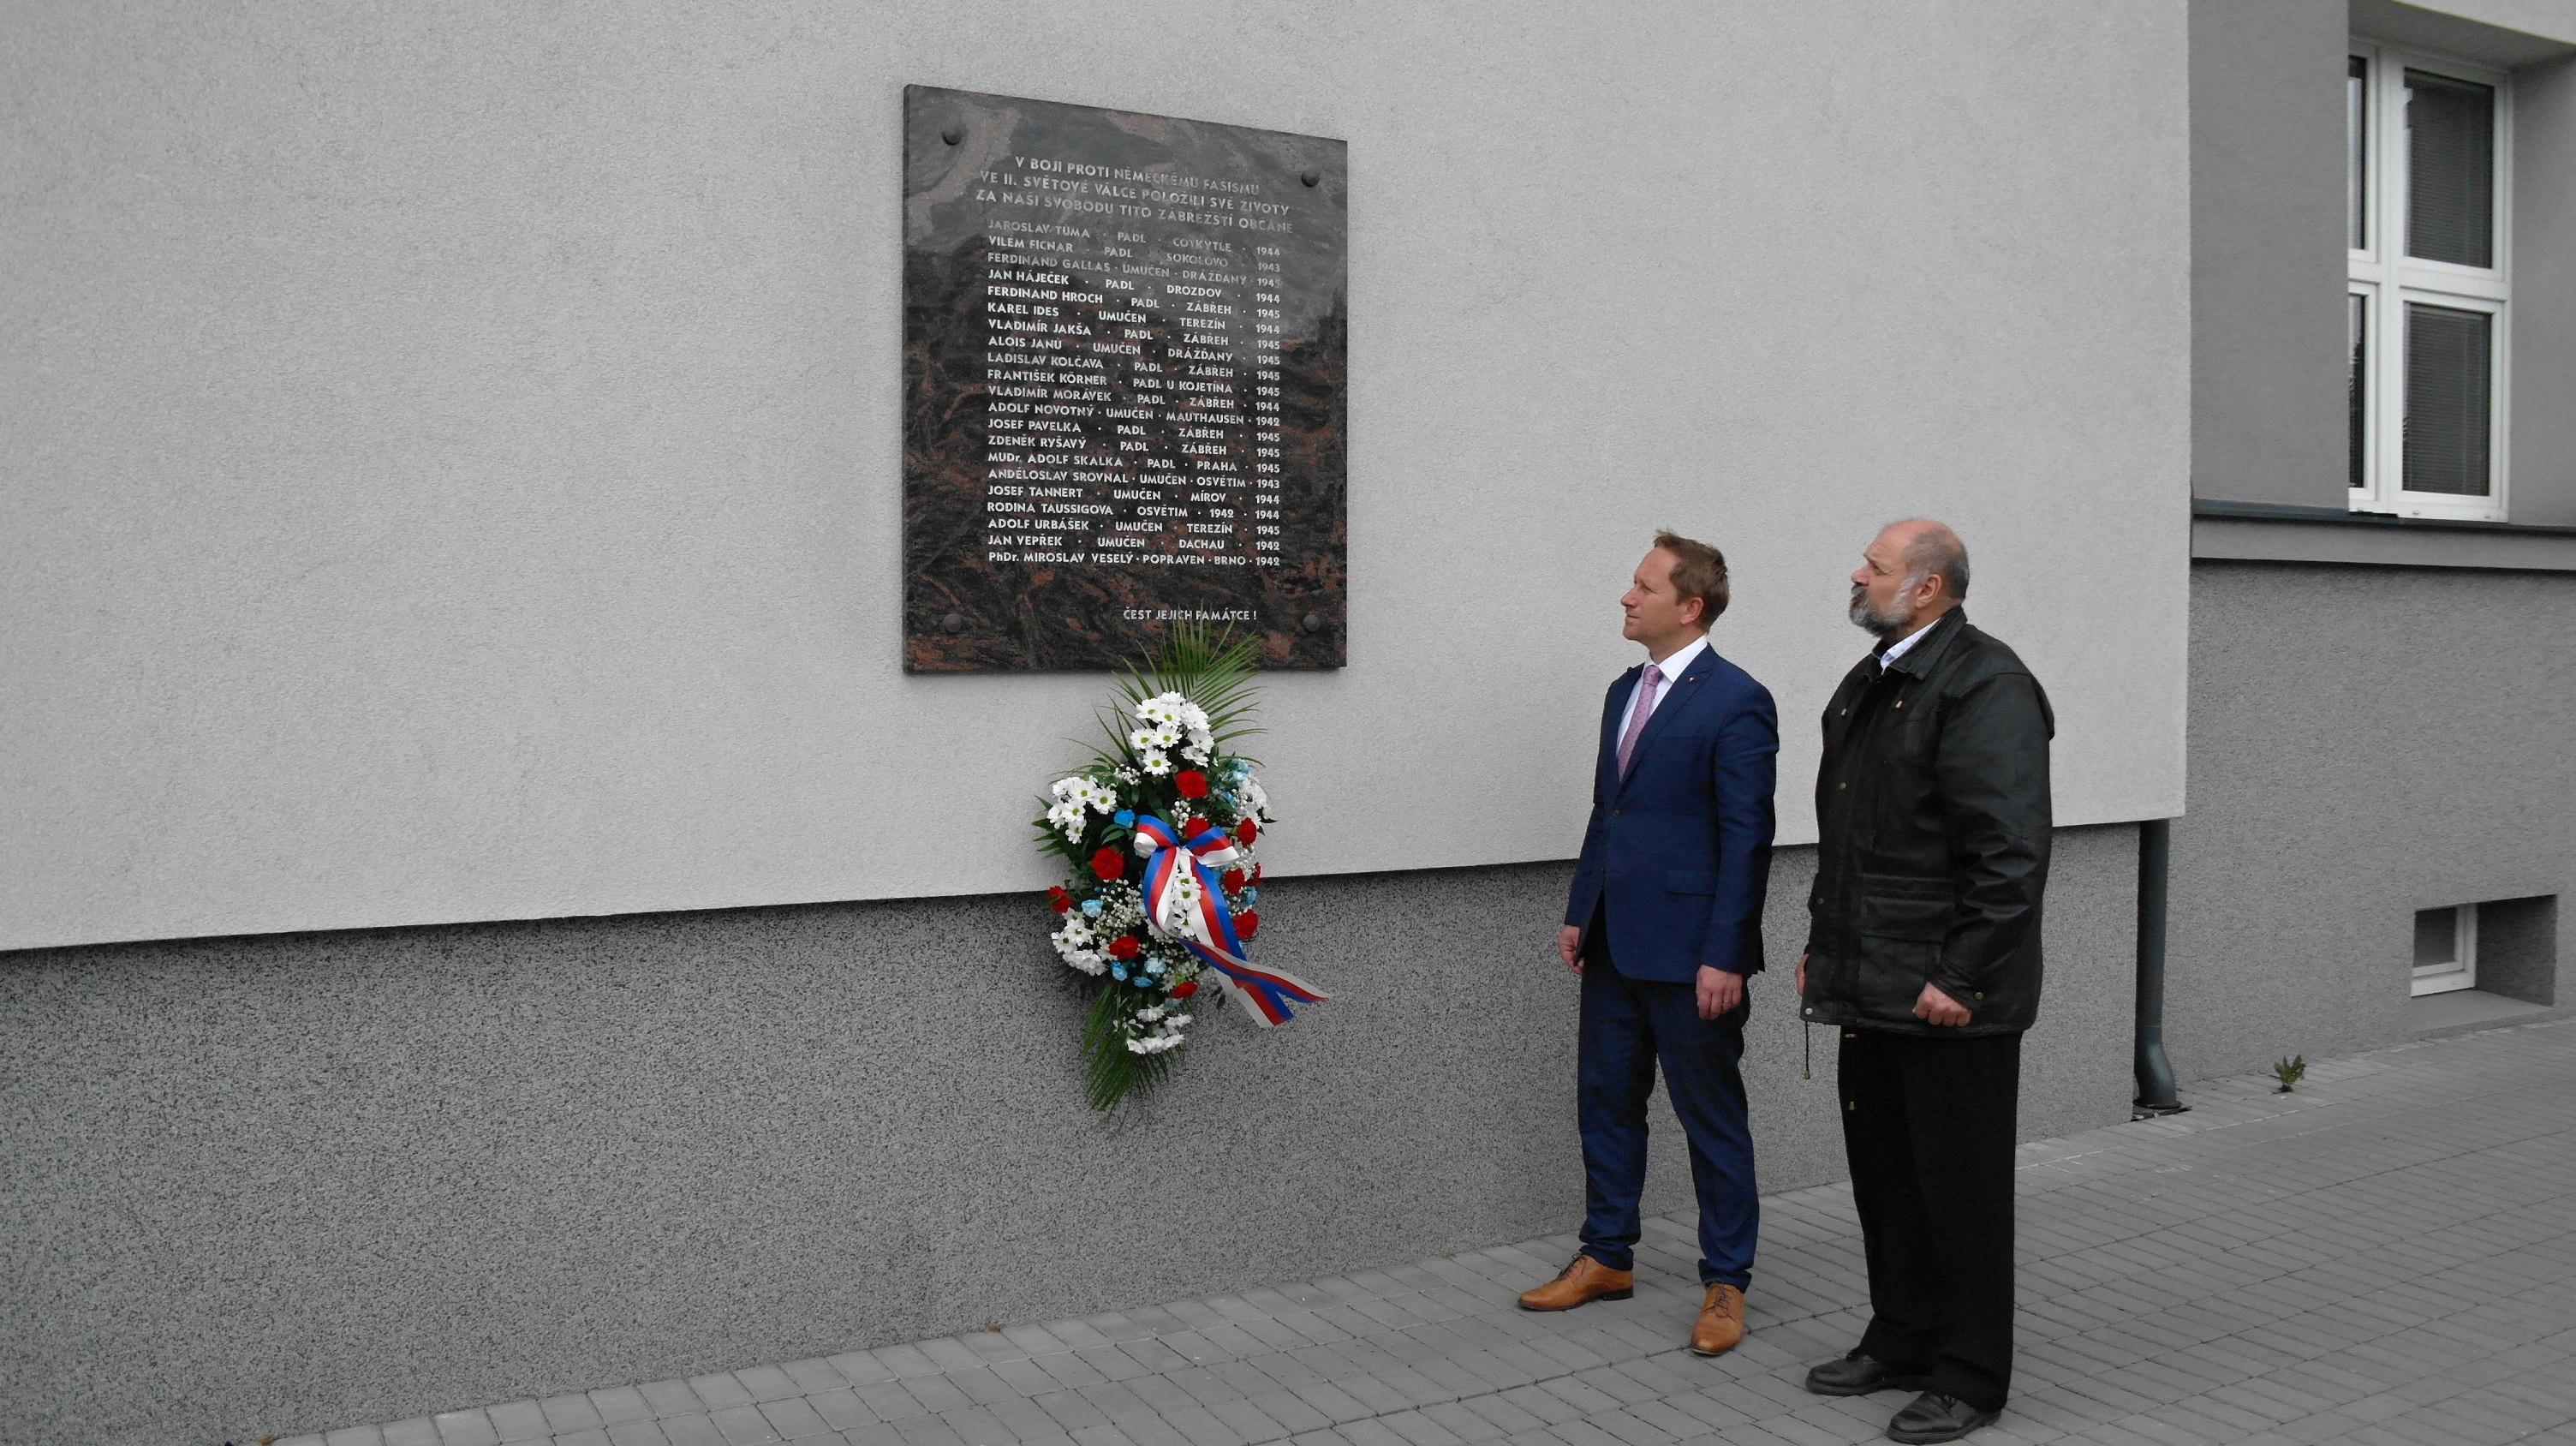 Vedení města Zábřeh uctilo památku obětí druhé světové války zdroj foto: muz